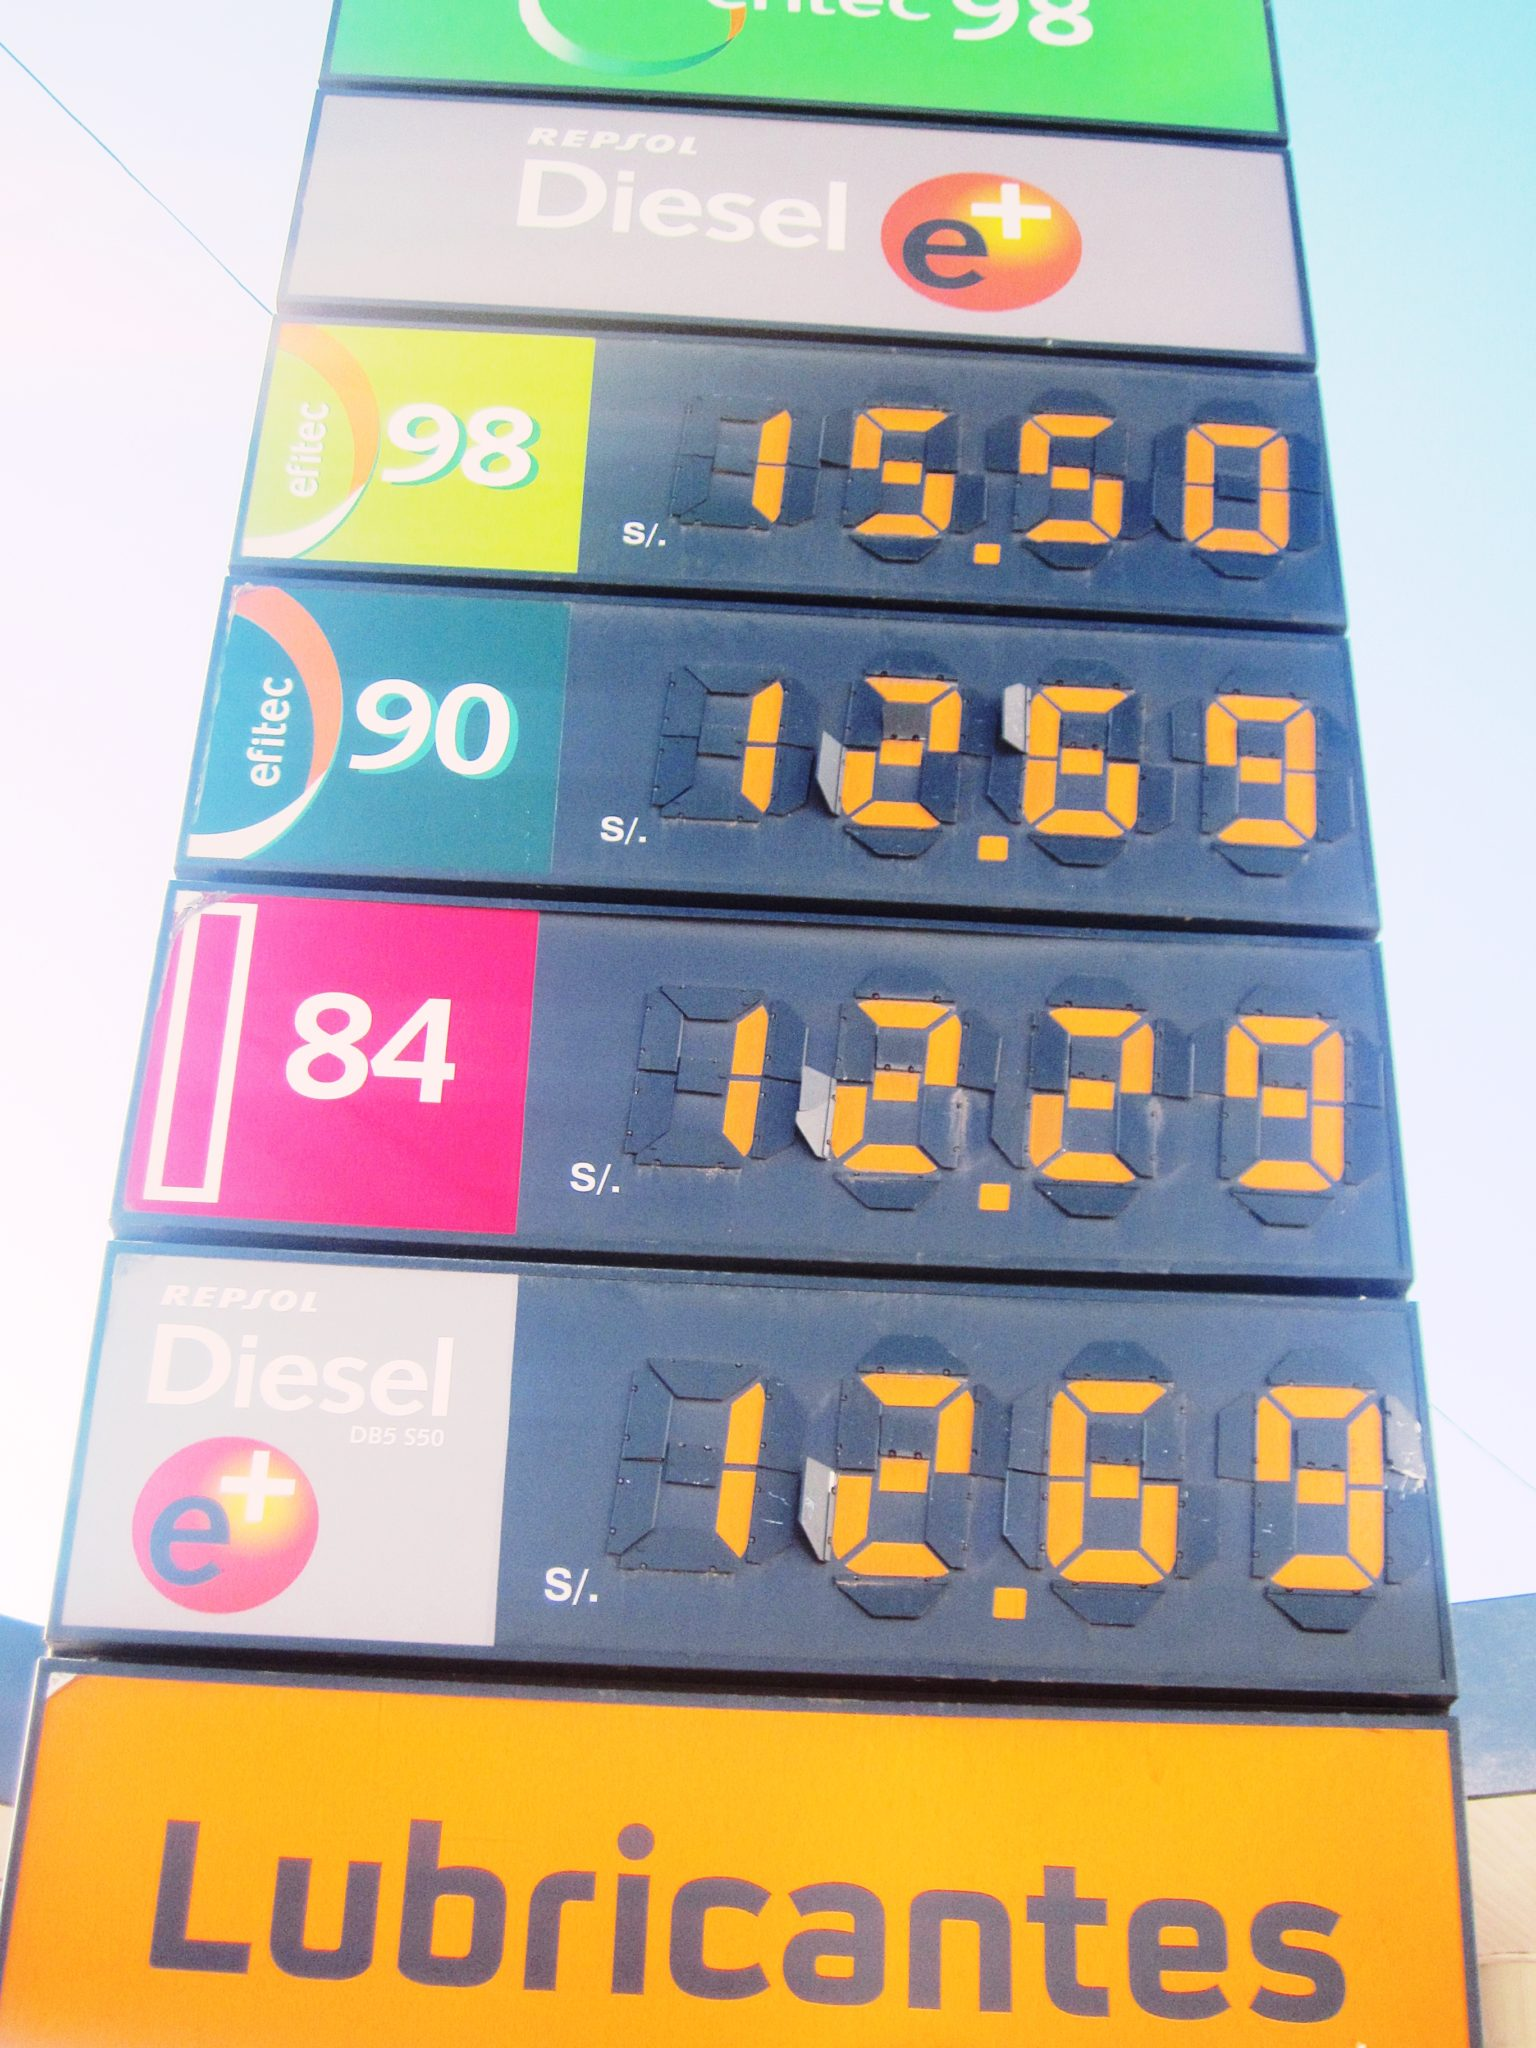 ペルー, 税金, ガソリン, 酒, タバコ, 車